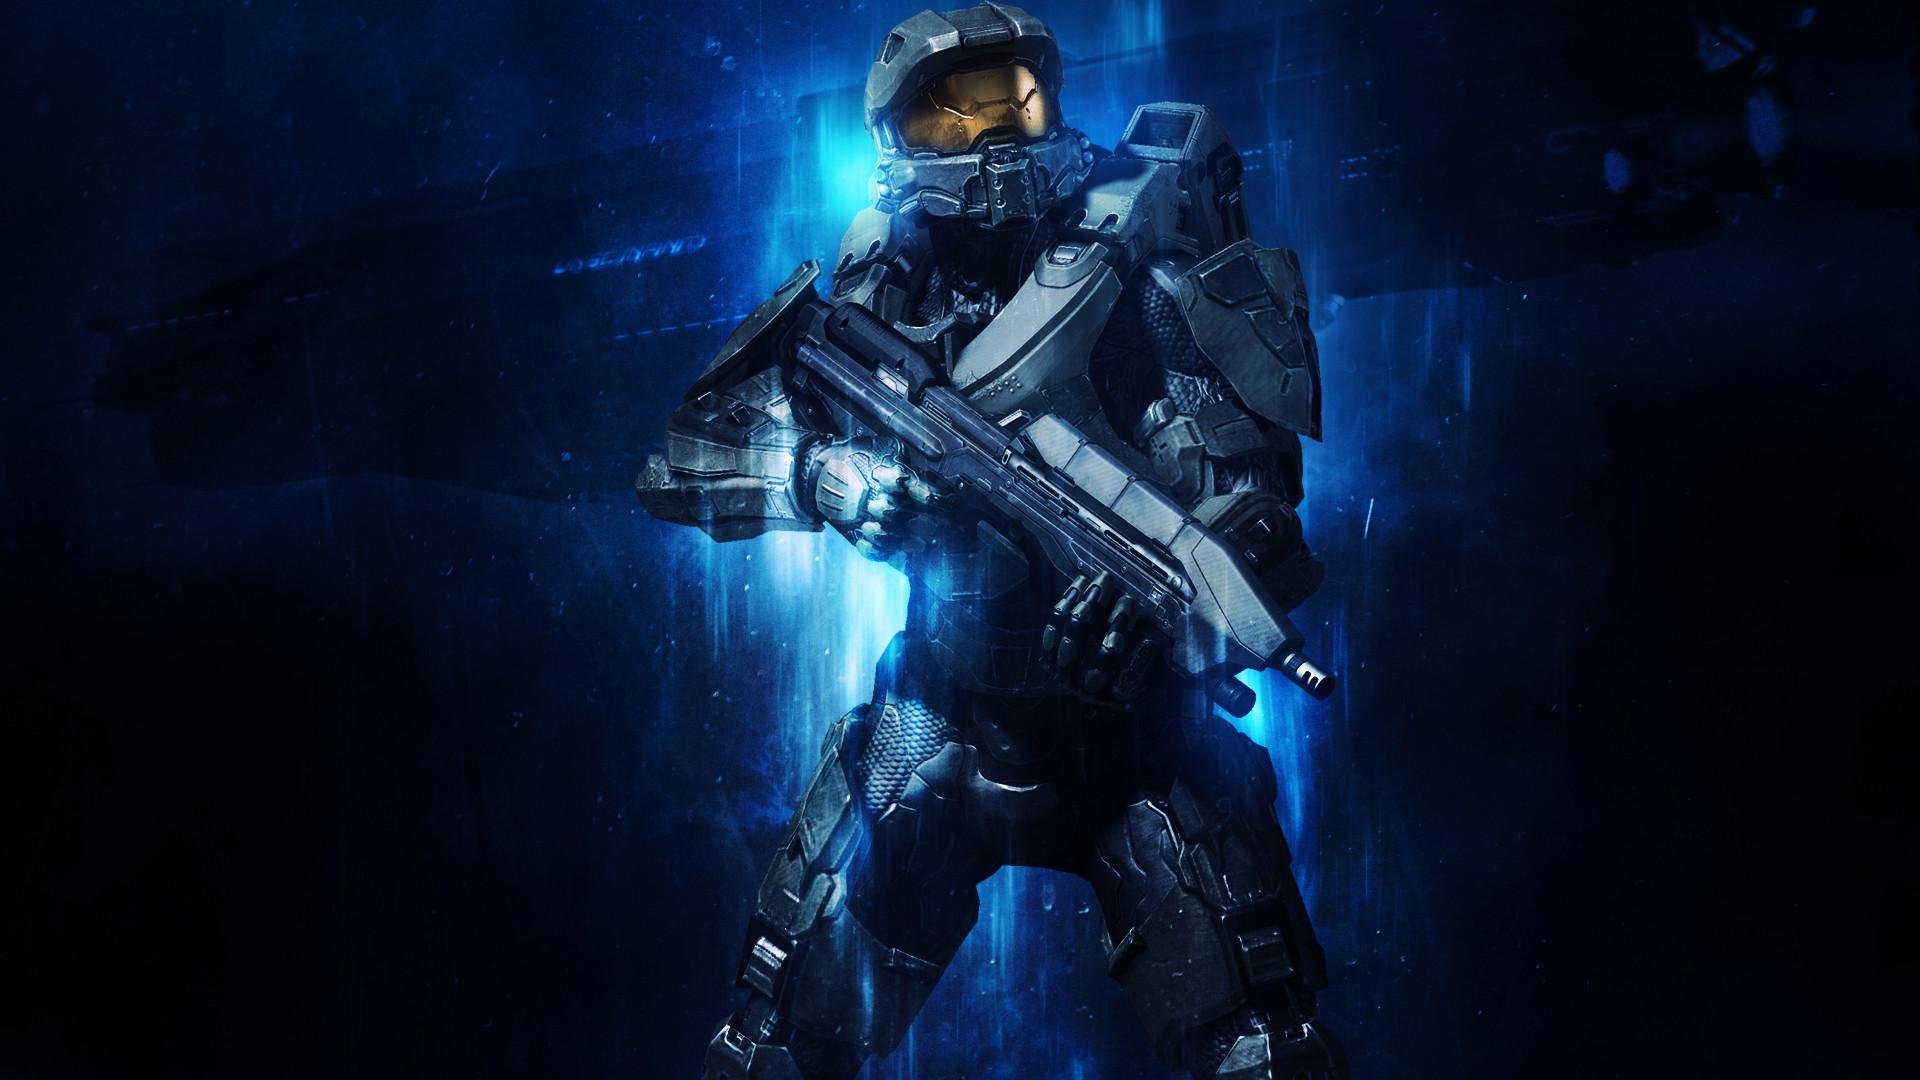 Fonds d'écran Halo 5 PC et Tablettes (iPad, etc.